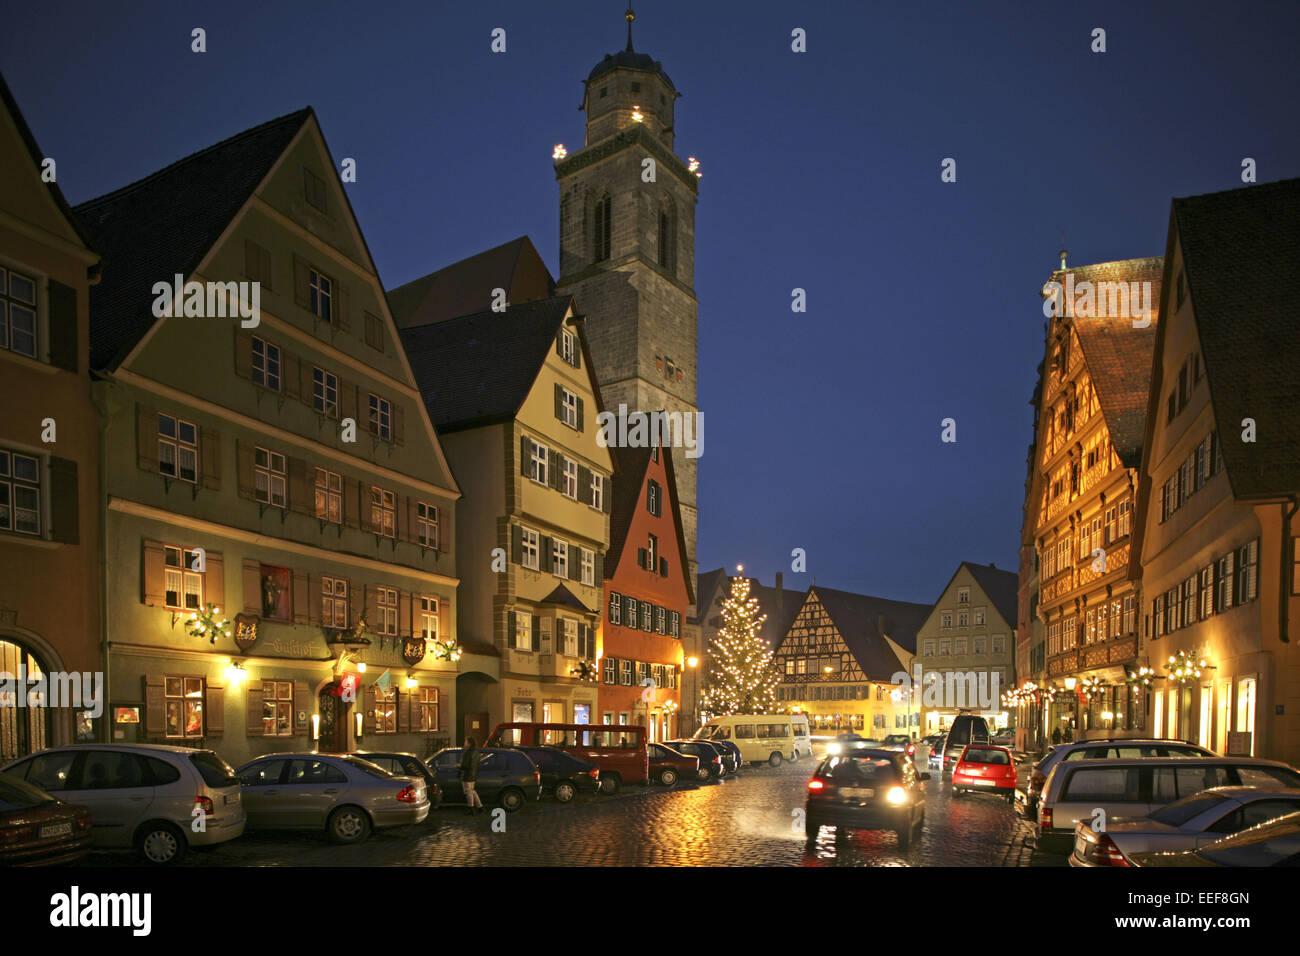 deutschland dinkelsb hl dinkelsbuehl weihnachtsmarkt abend bayern stockfoto lizenzfreies bild. Black Bedroom Furniture Sets. Home Design Ideas